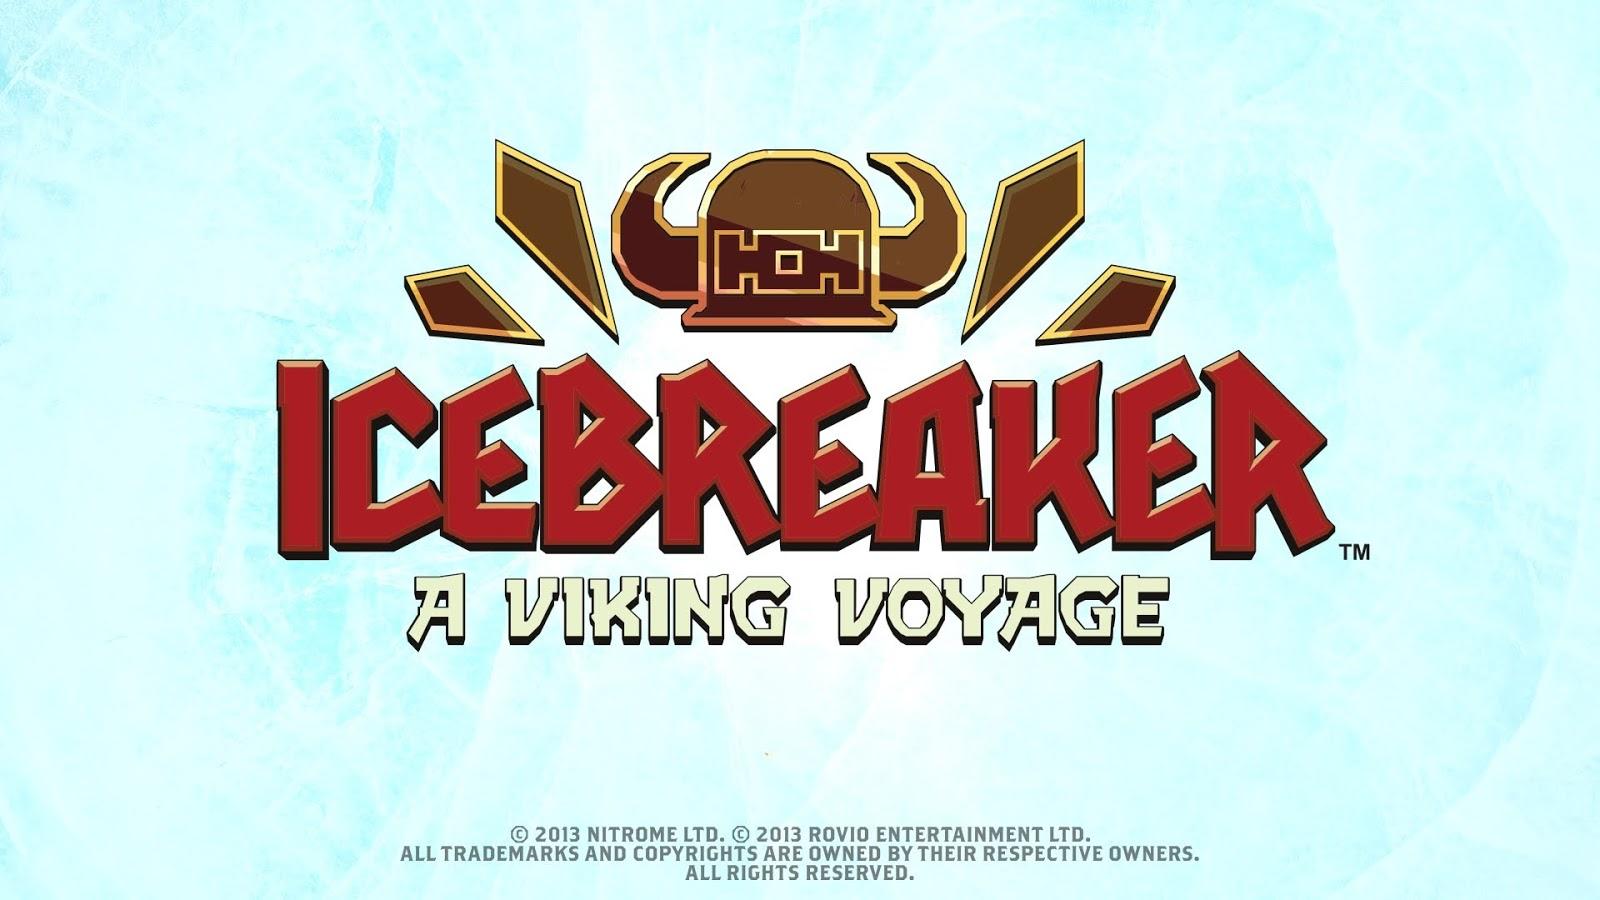 Icebreaker İndir | Icebreaker iOS | Icebreaker APK | Ice breaker Download